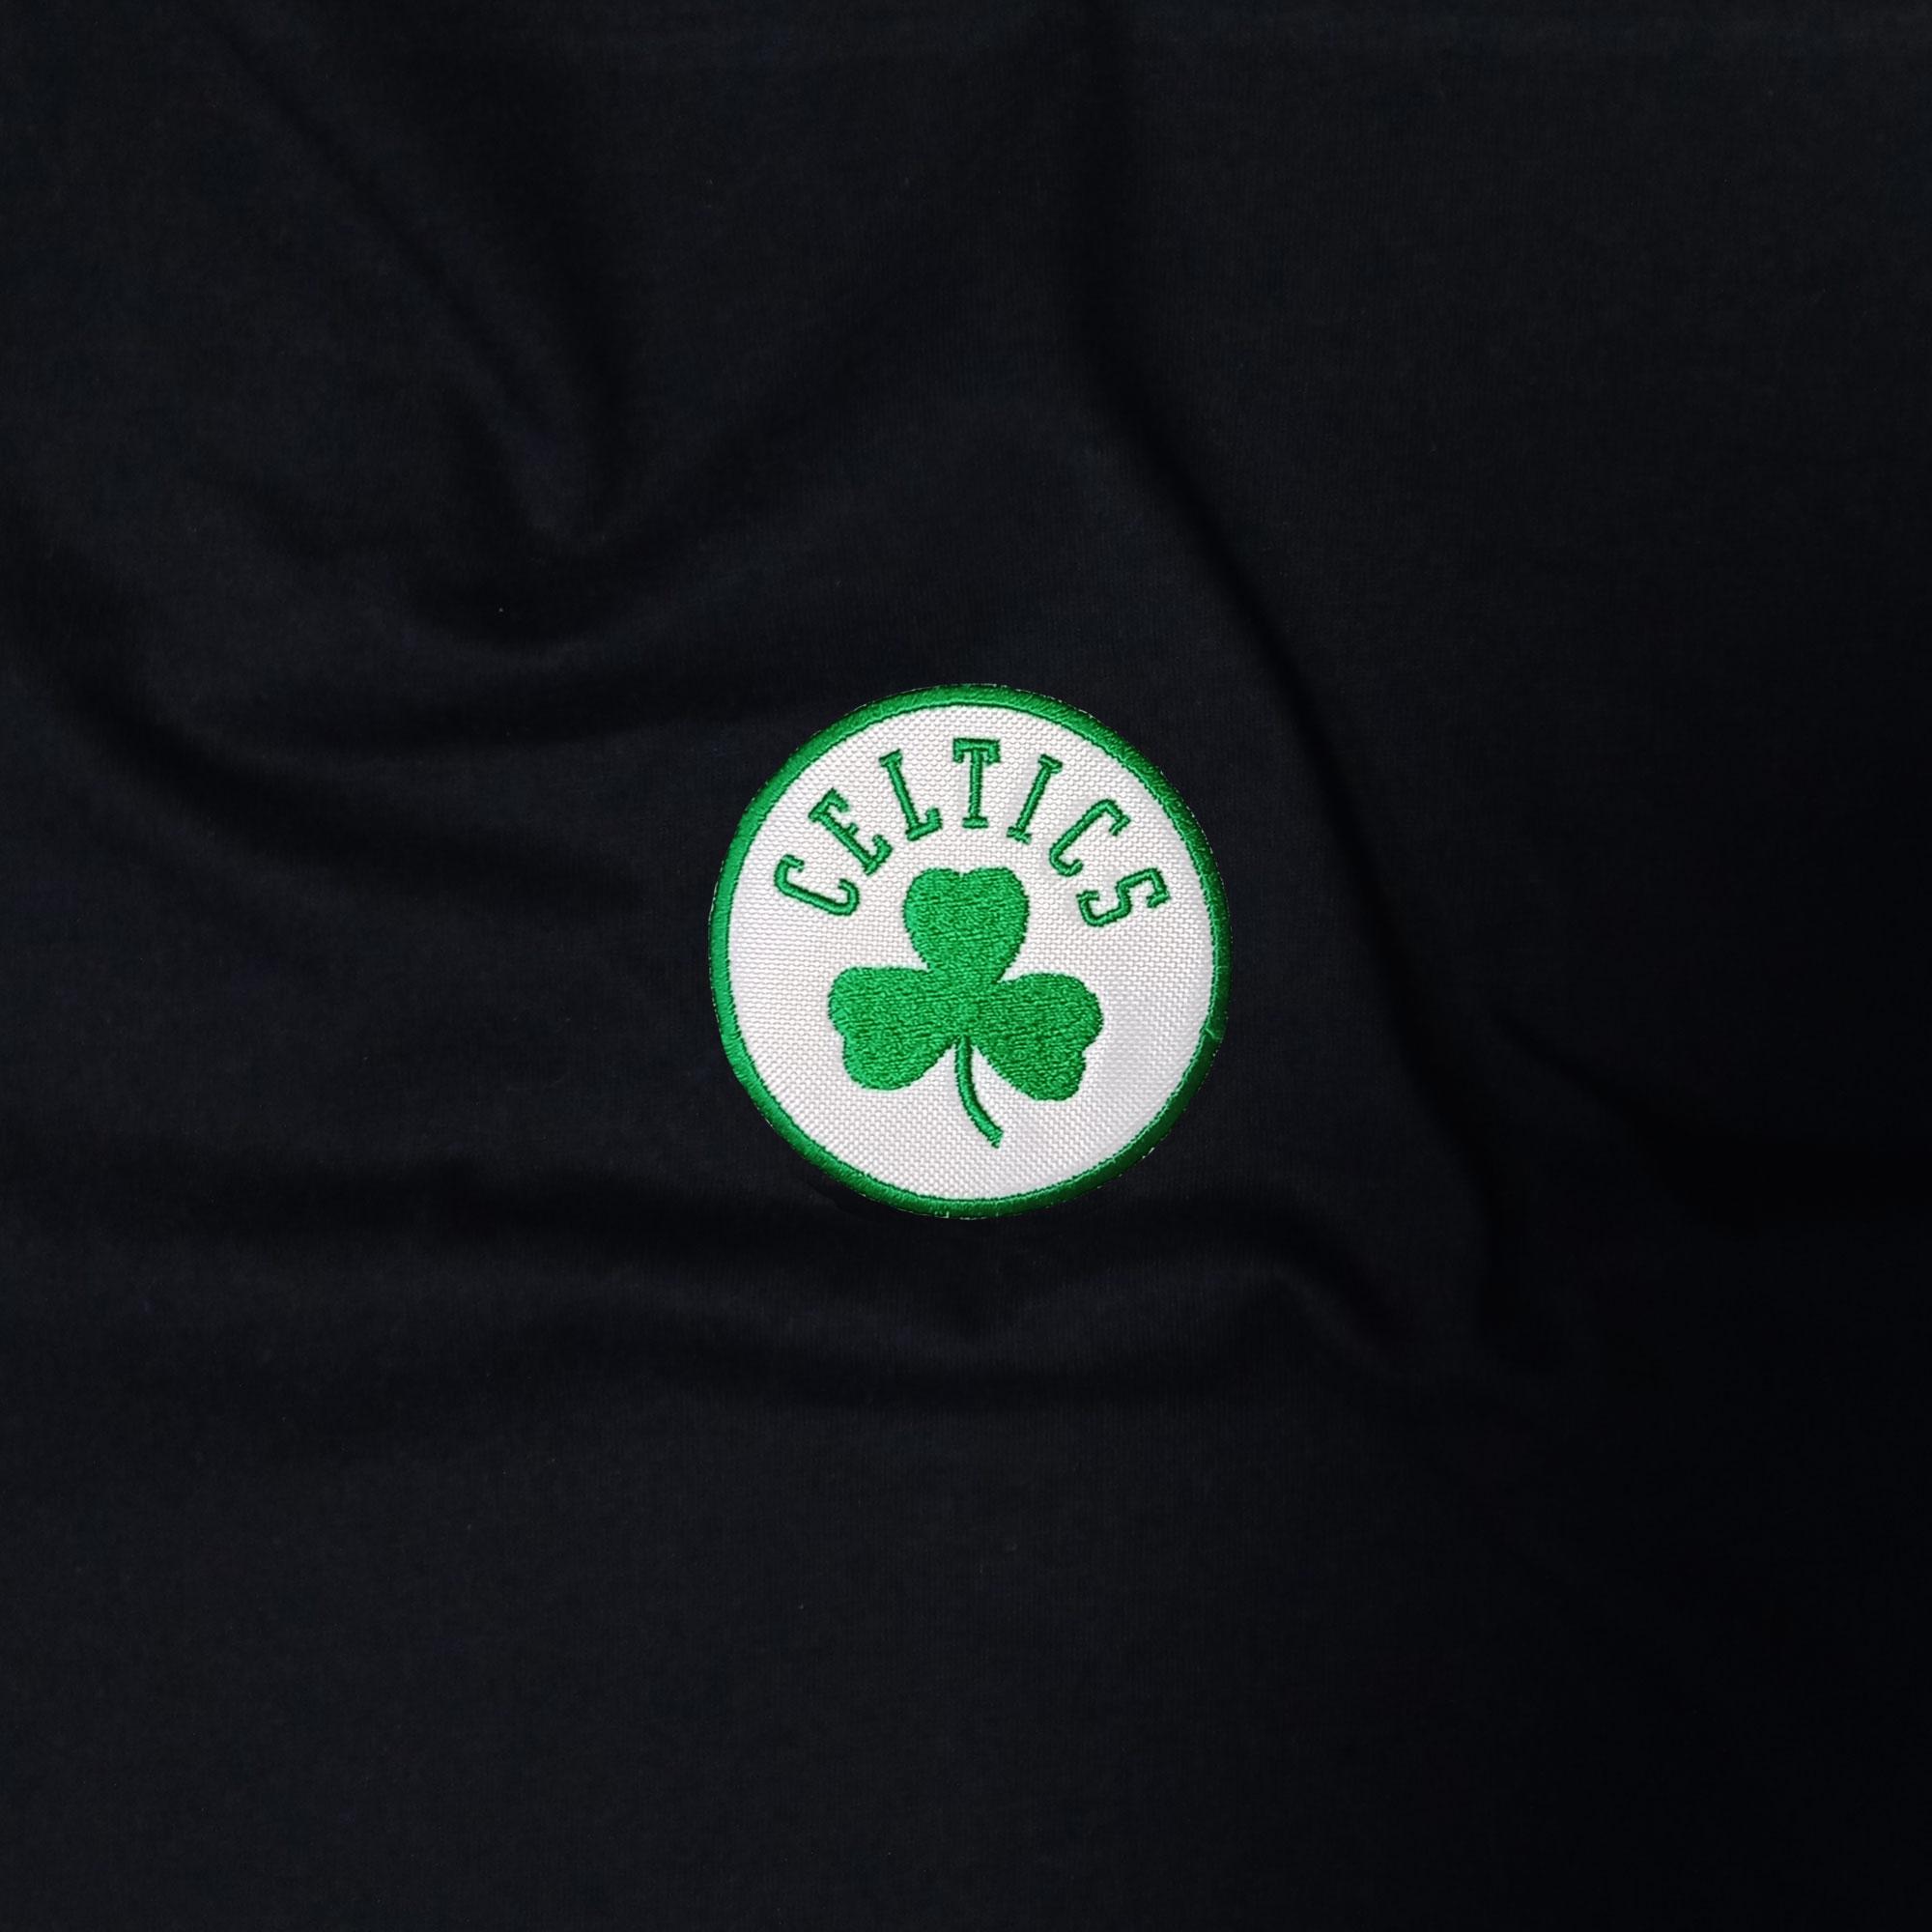 Boston Celtics Basic (Örme)  (BSC-GRY-EMBR-CELTICS)